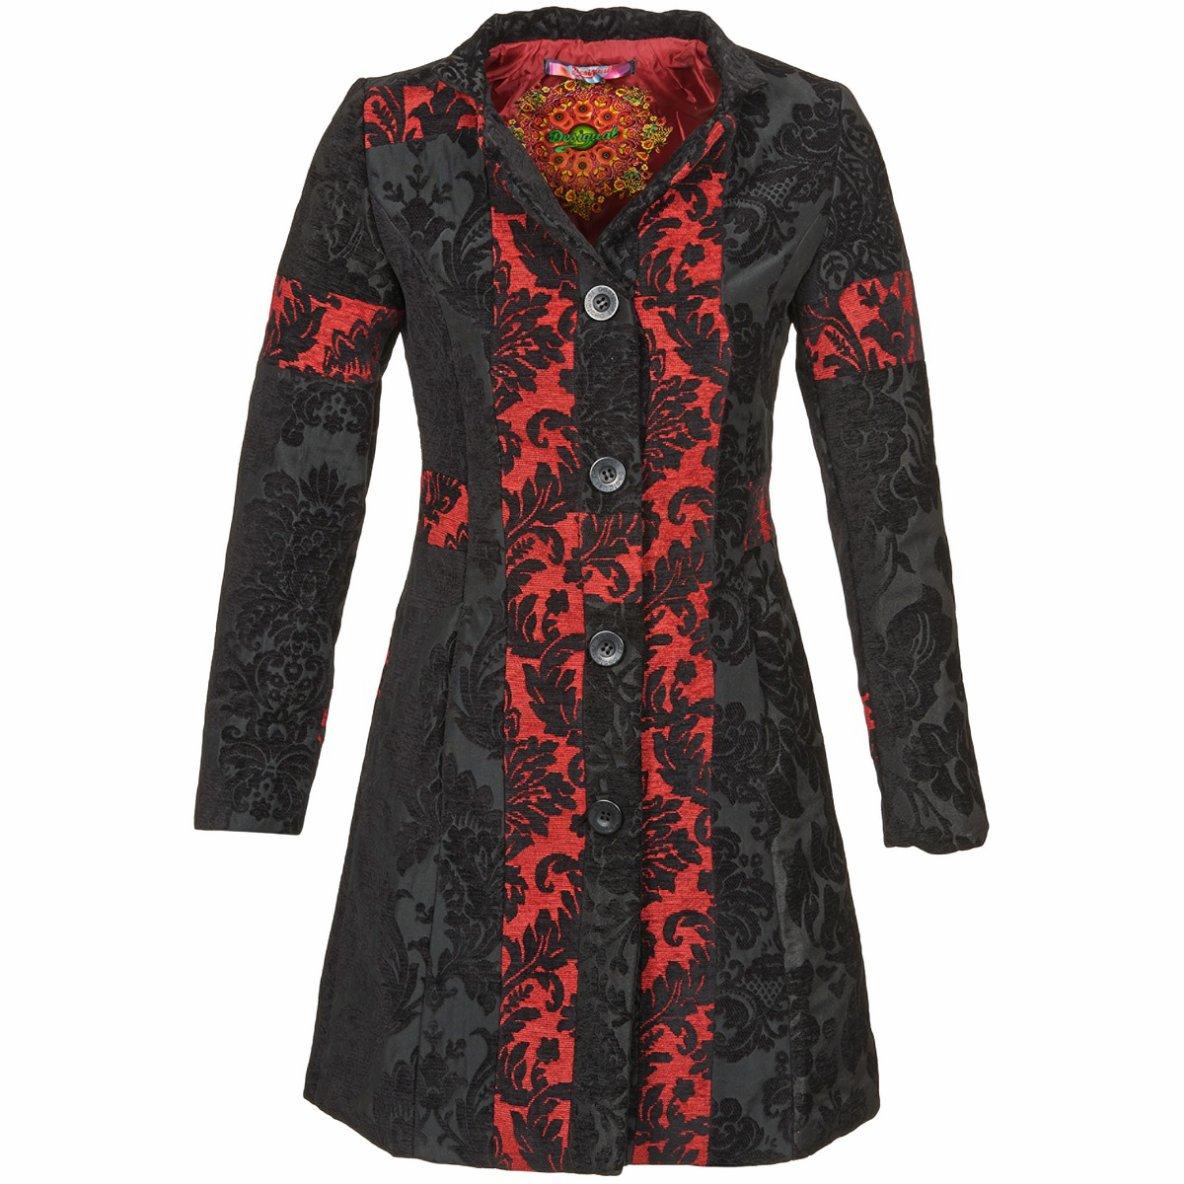 manteaux desigual moski noir rouge spartoo tendance mode femme. Black Bedroom Furniture Sets. Home Design Ideas